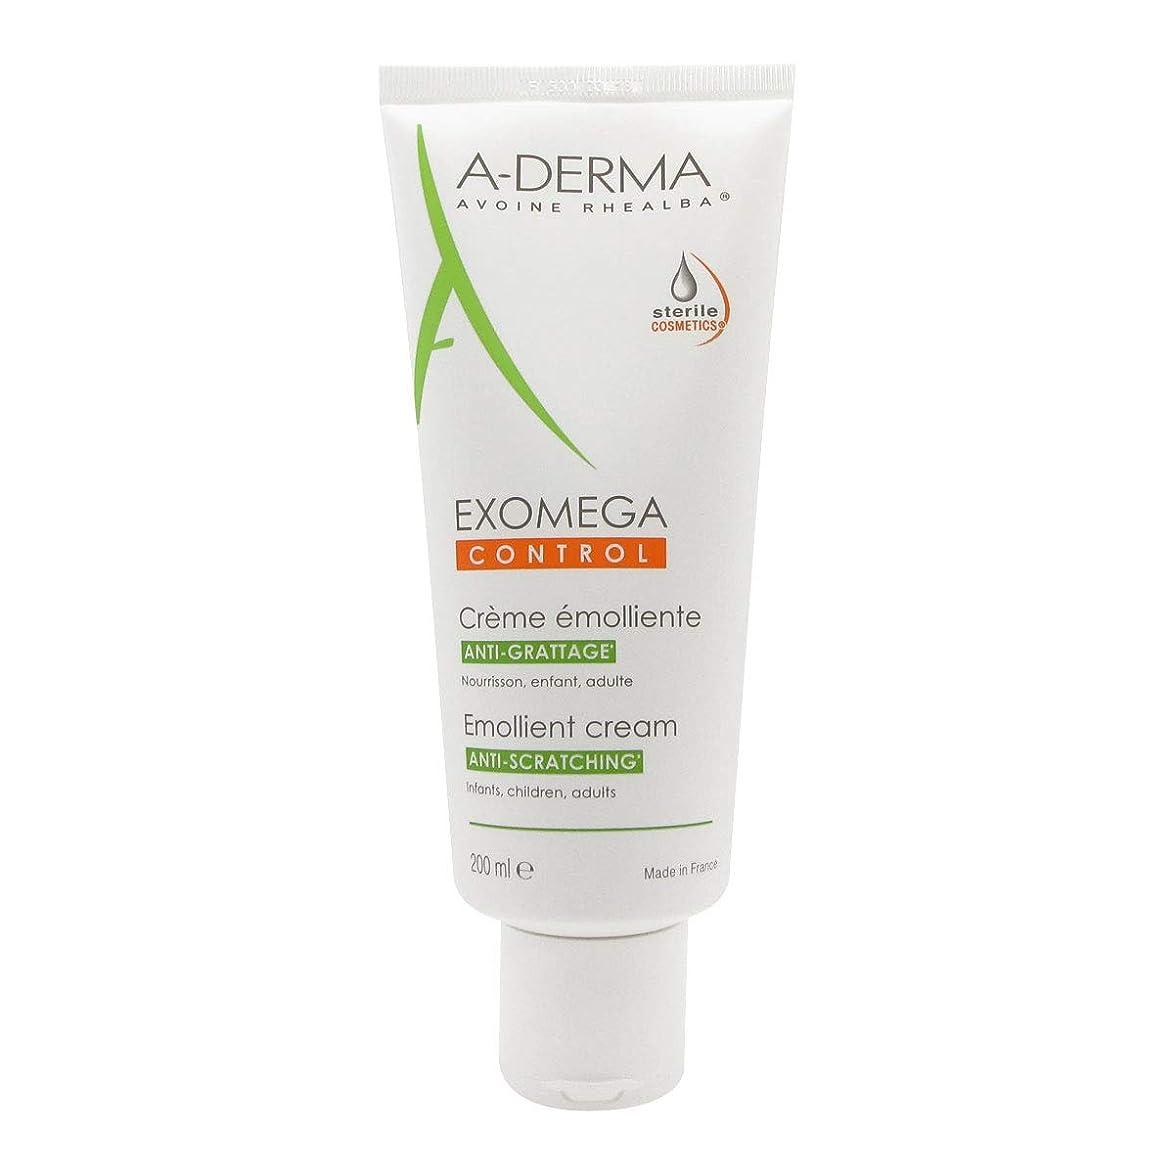 テセウス春たるみA-derma Exomega Control Emollient Cream 200ml [並行輸入品]